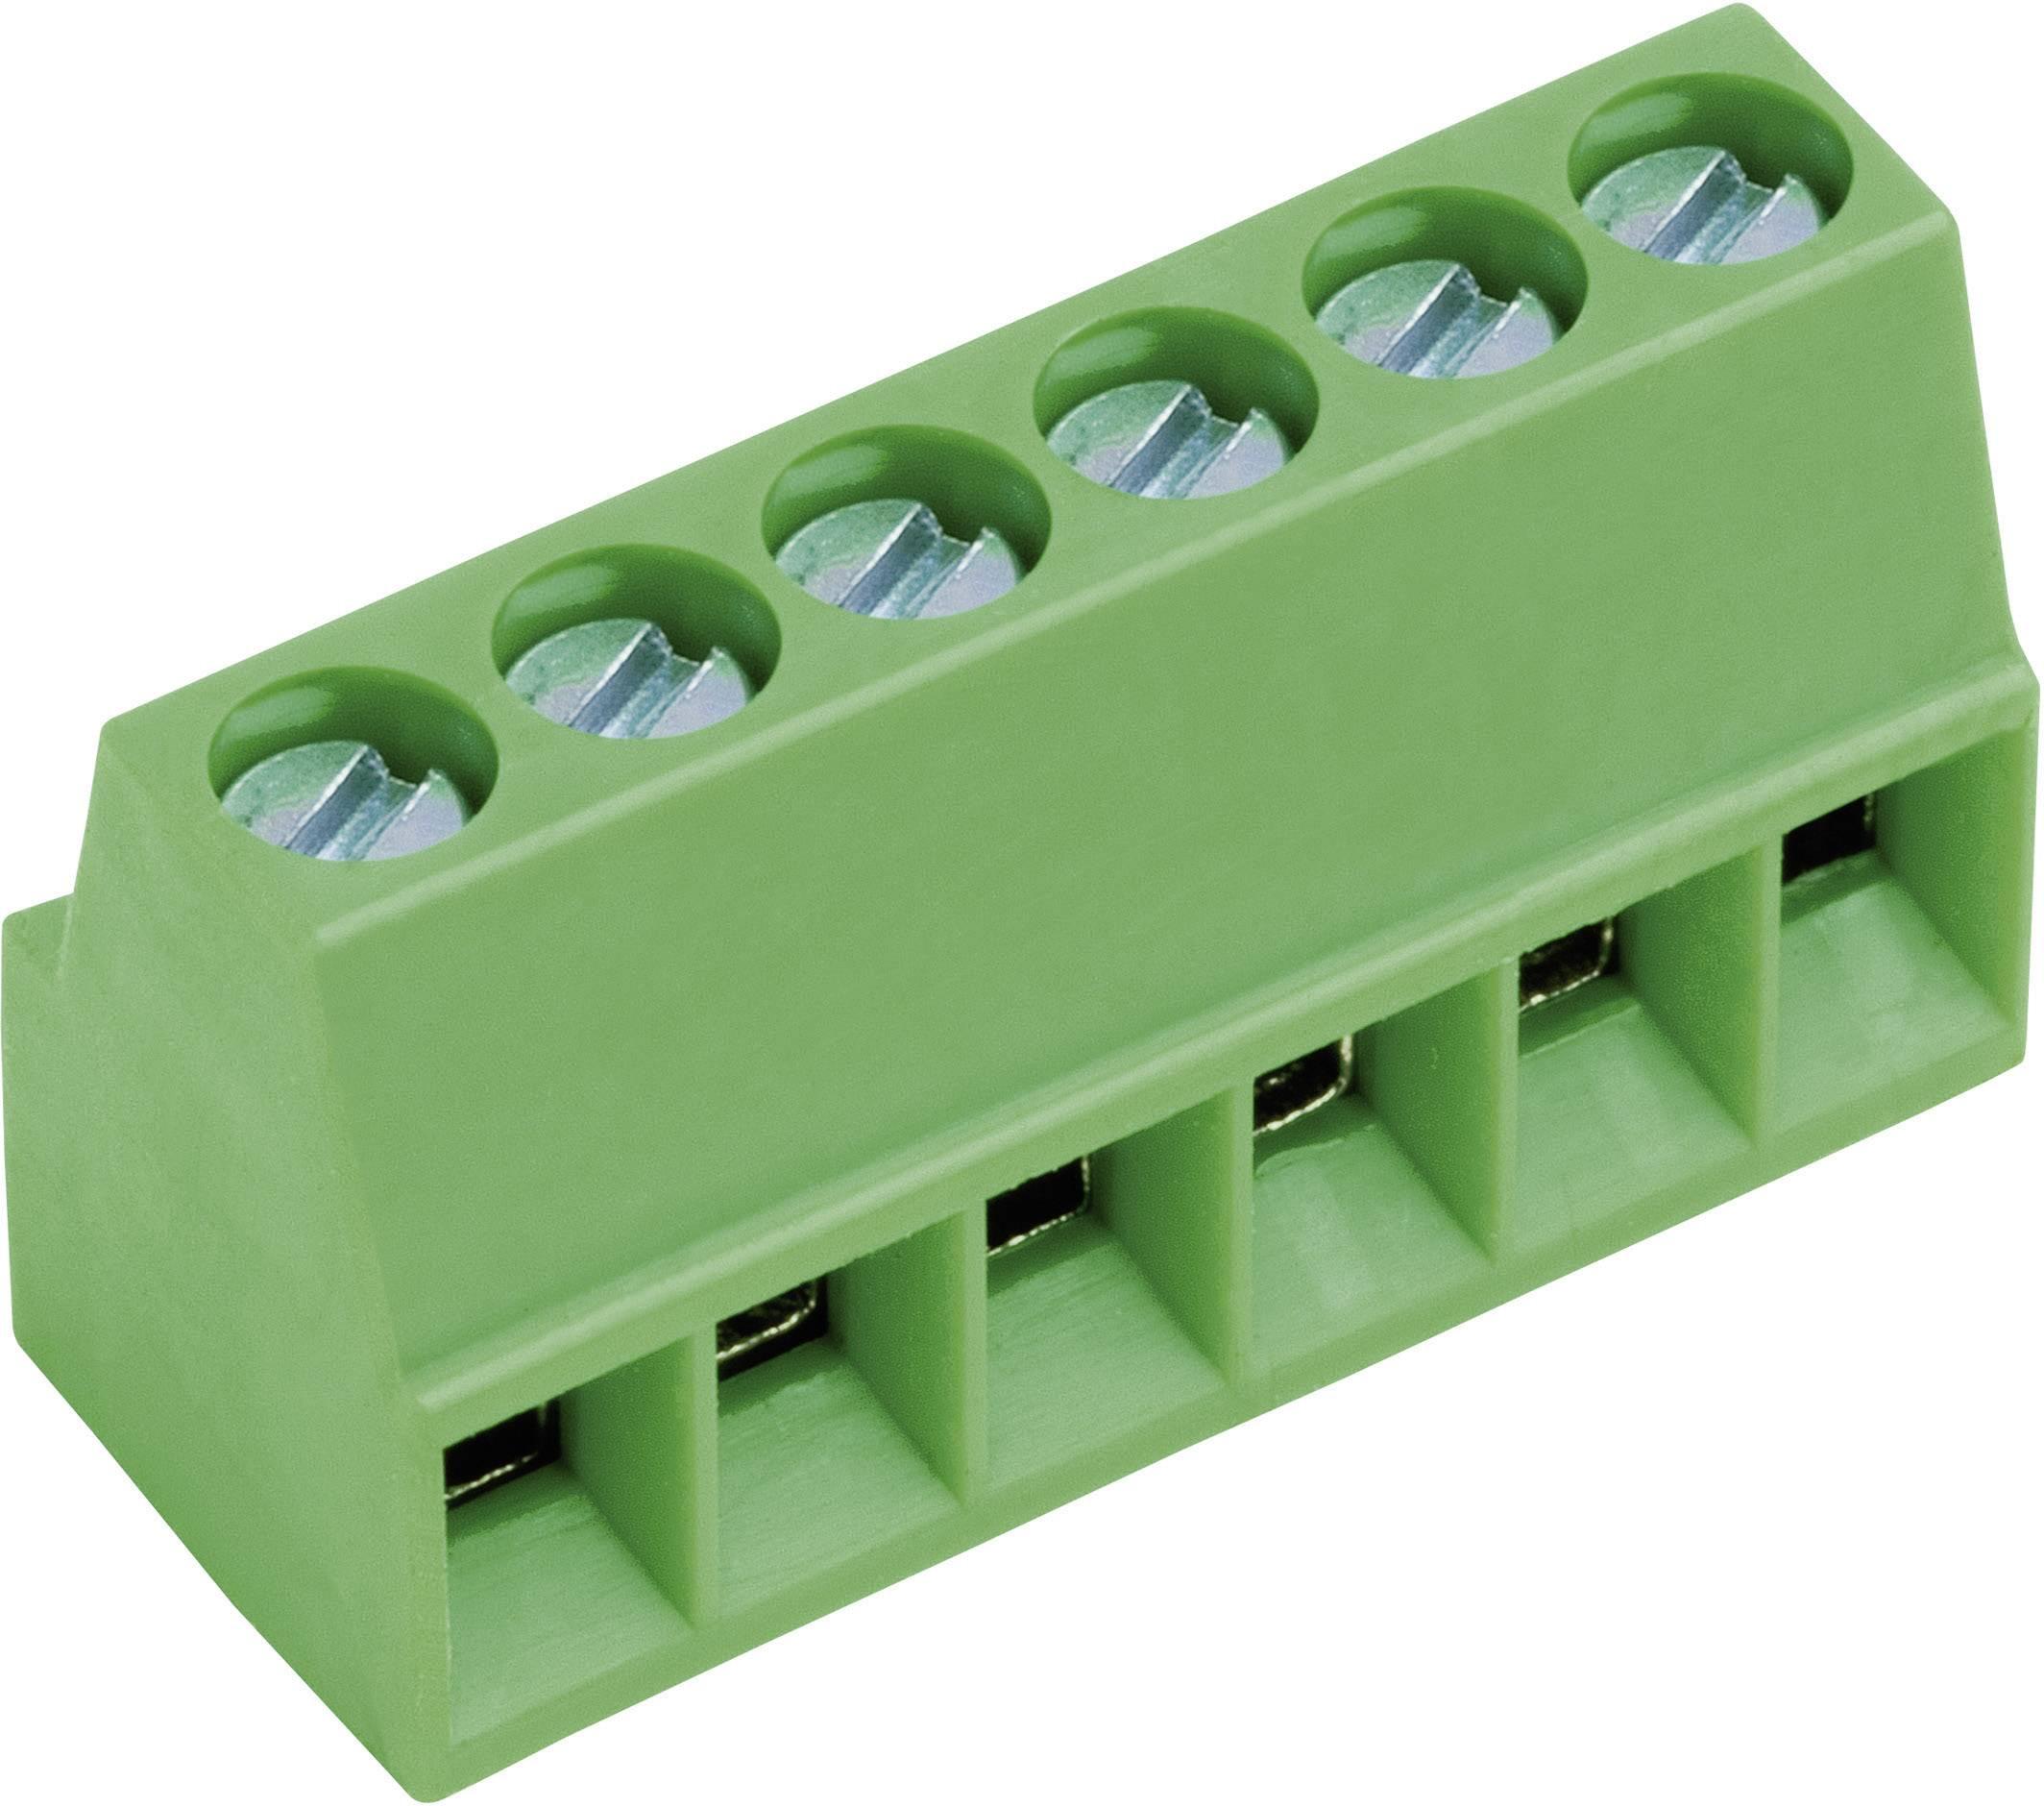 Pájecí šroub. svorka 4nás. AKZ692/4-2.54-V (50692040021E), AWG 30-18, 2,54 mm, zelená